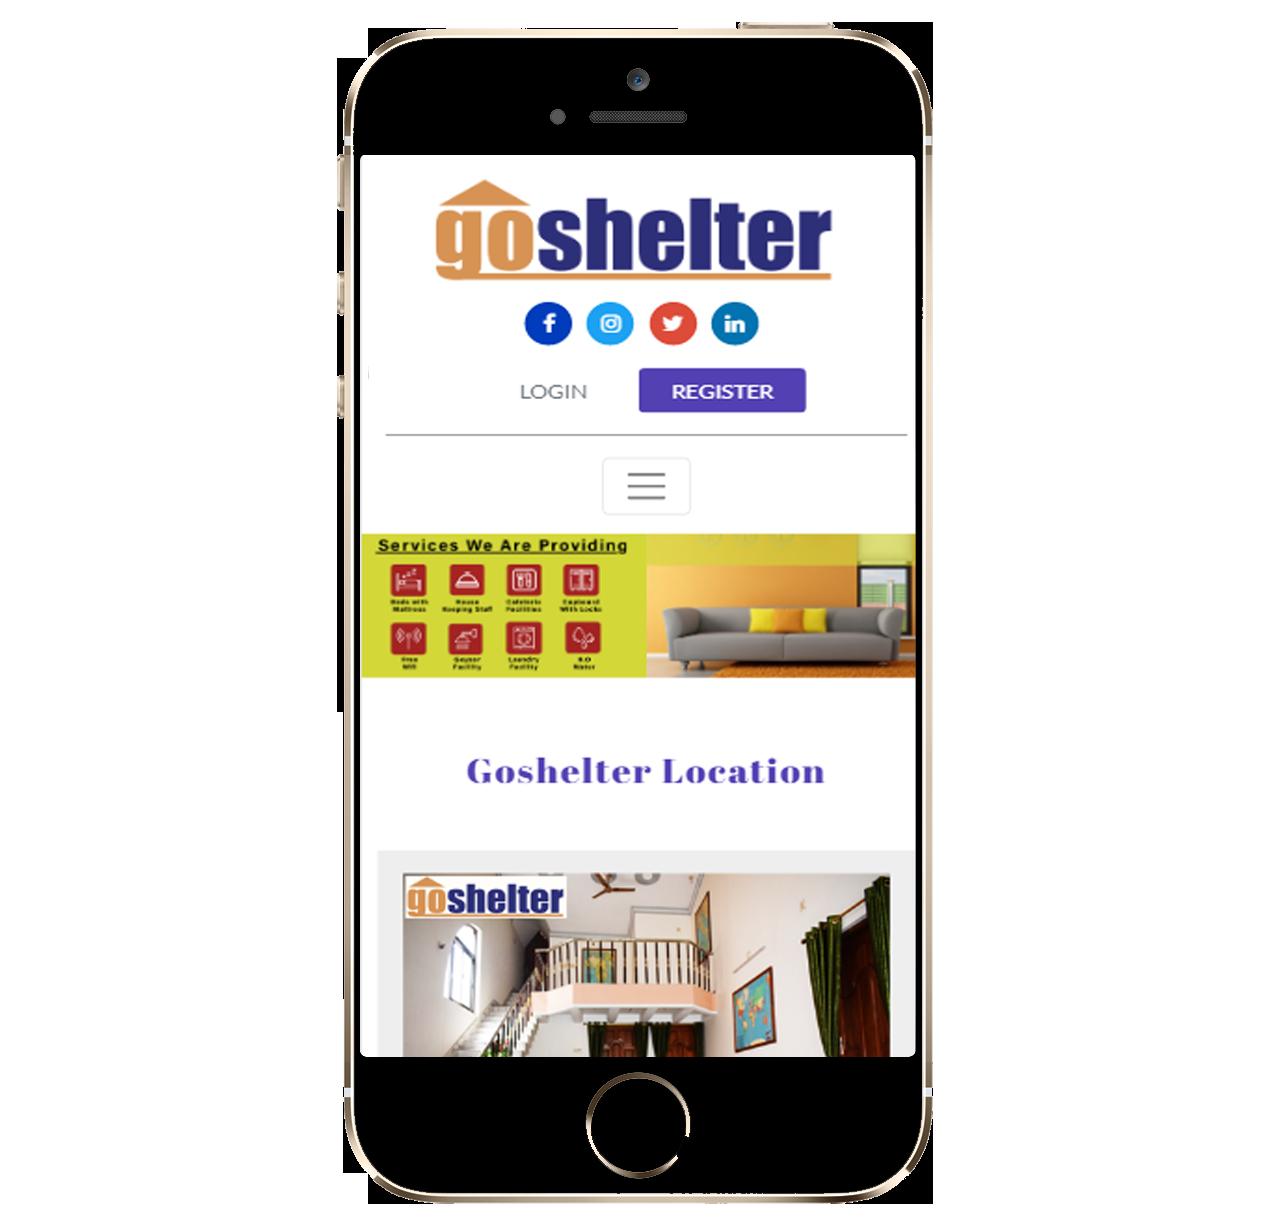 goshelter